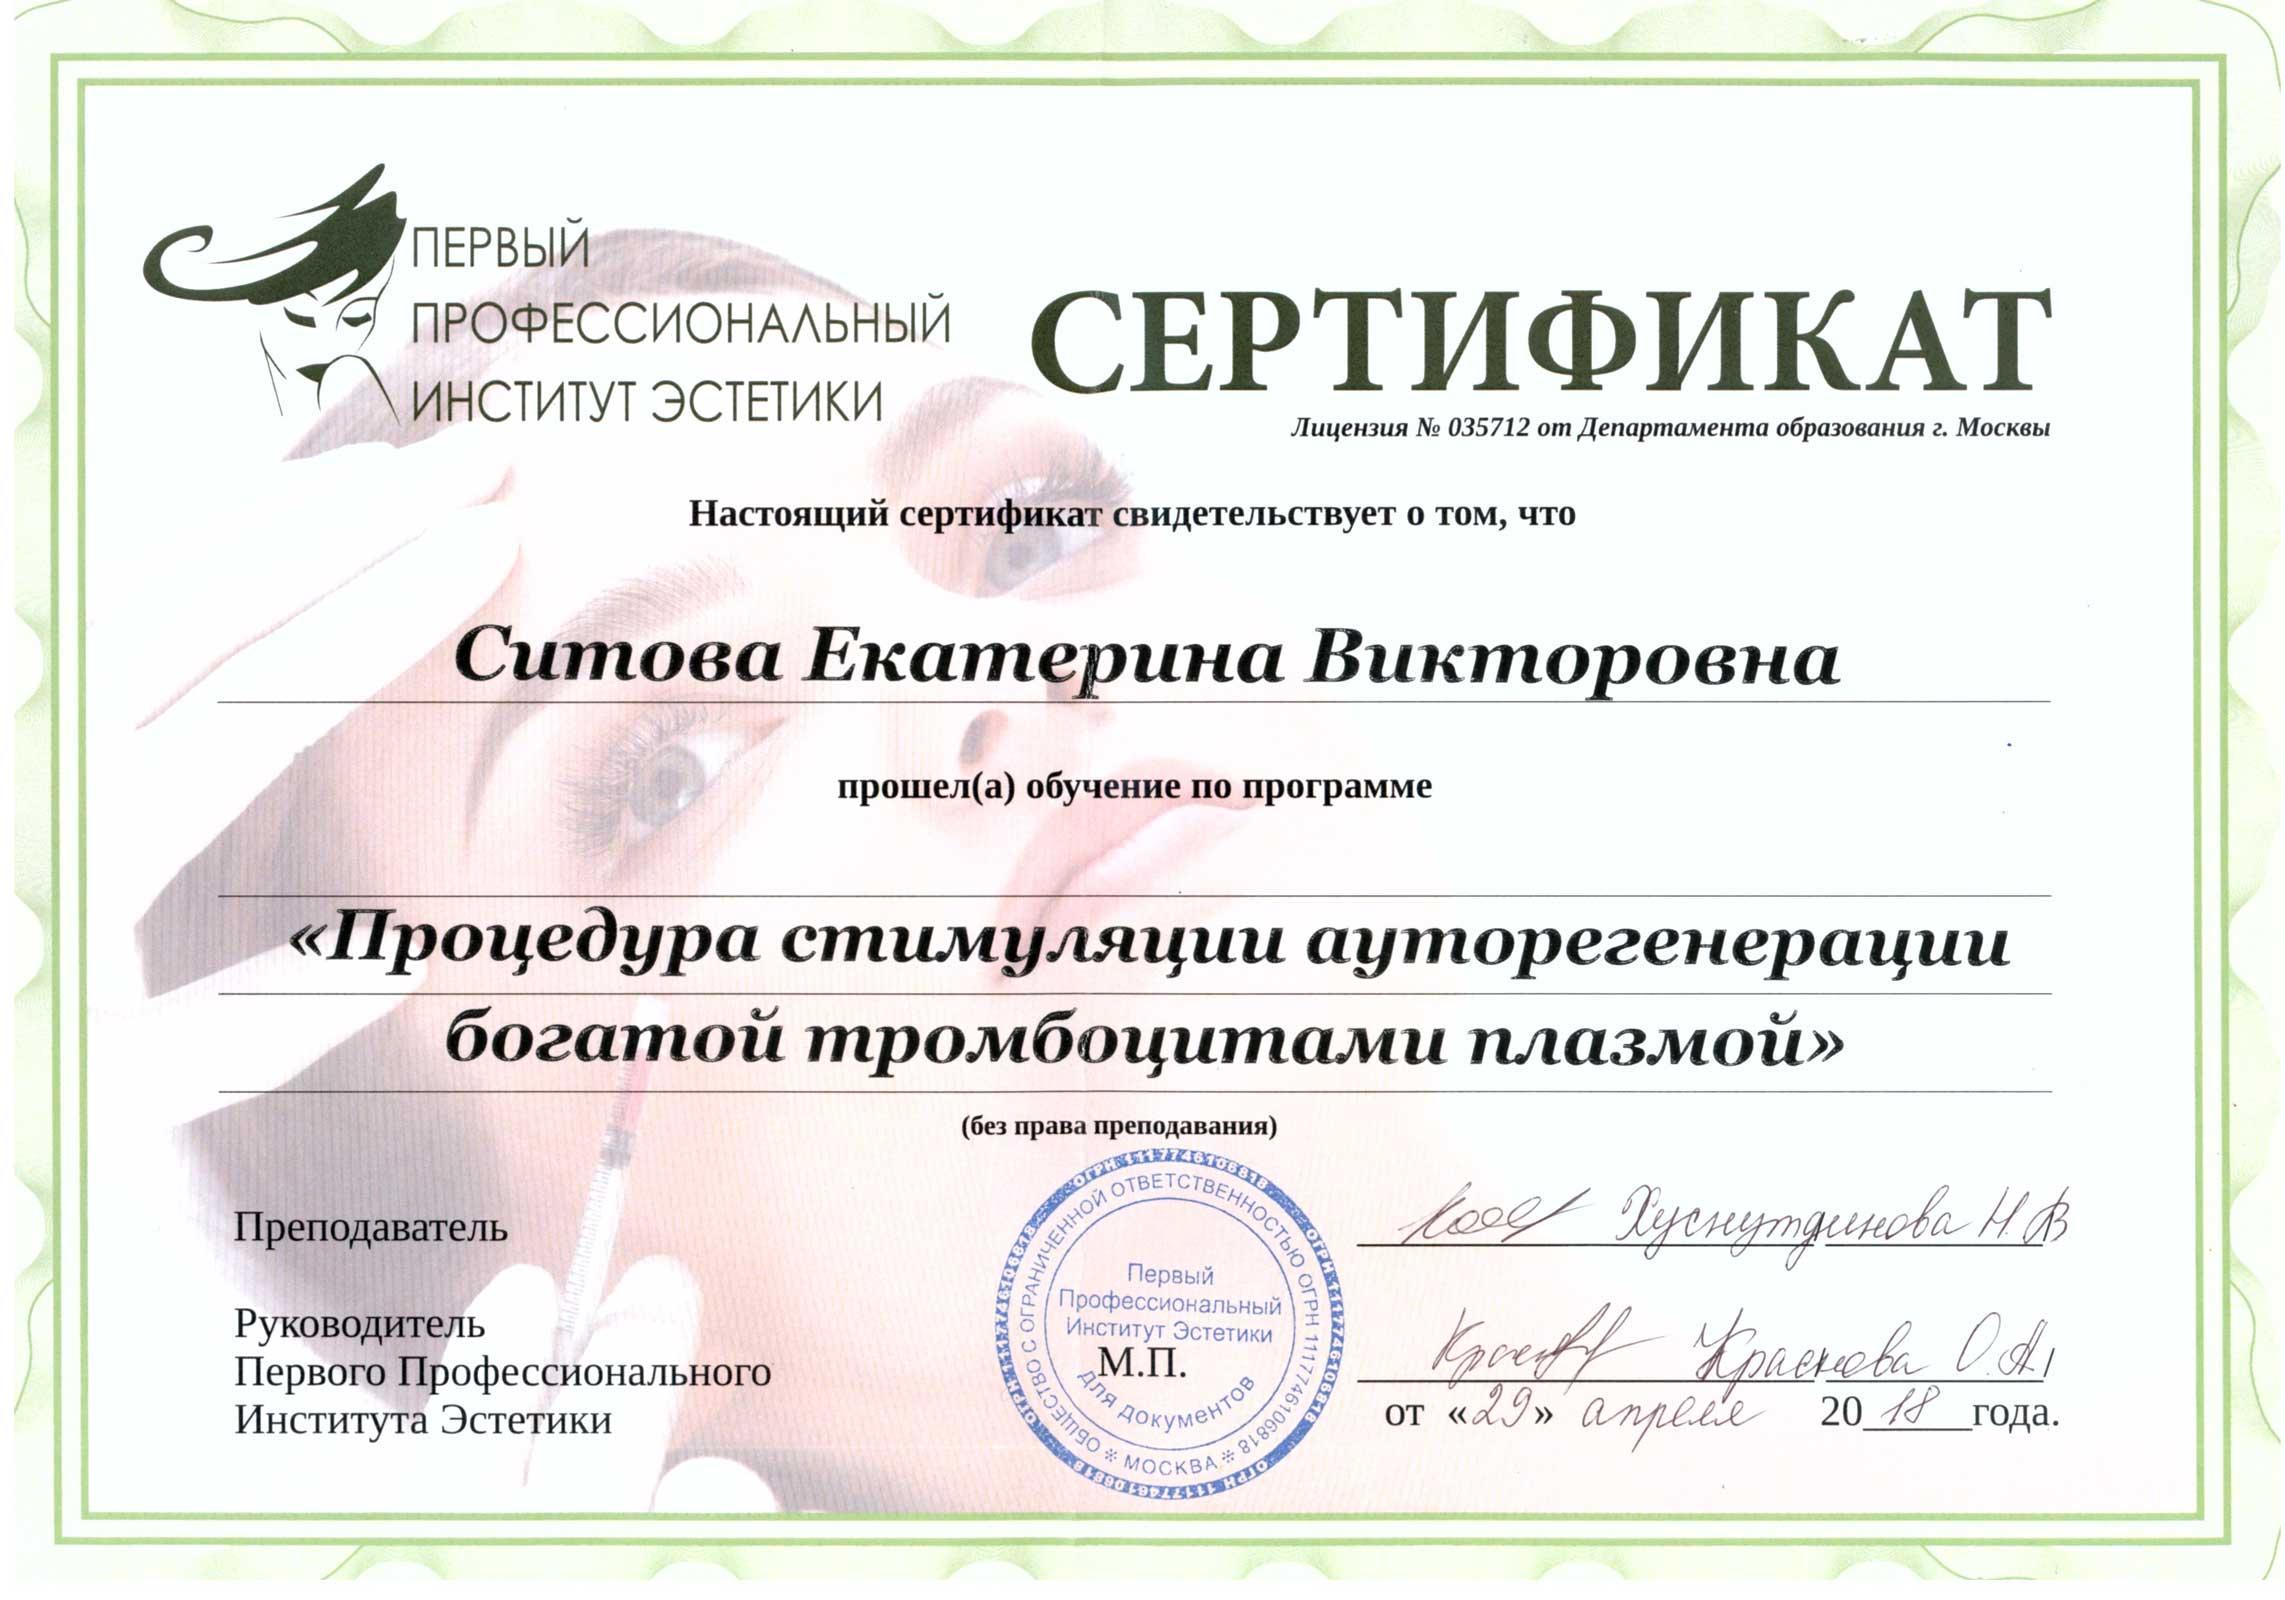 Сертификат плазмотерапия трихолога Ситовой Е.В.